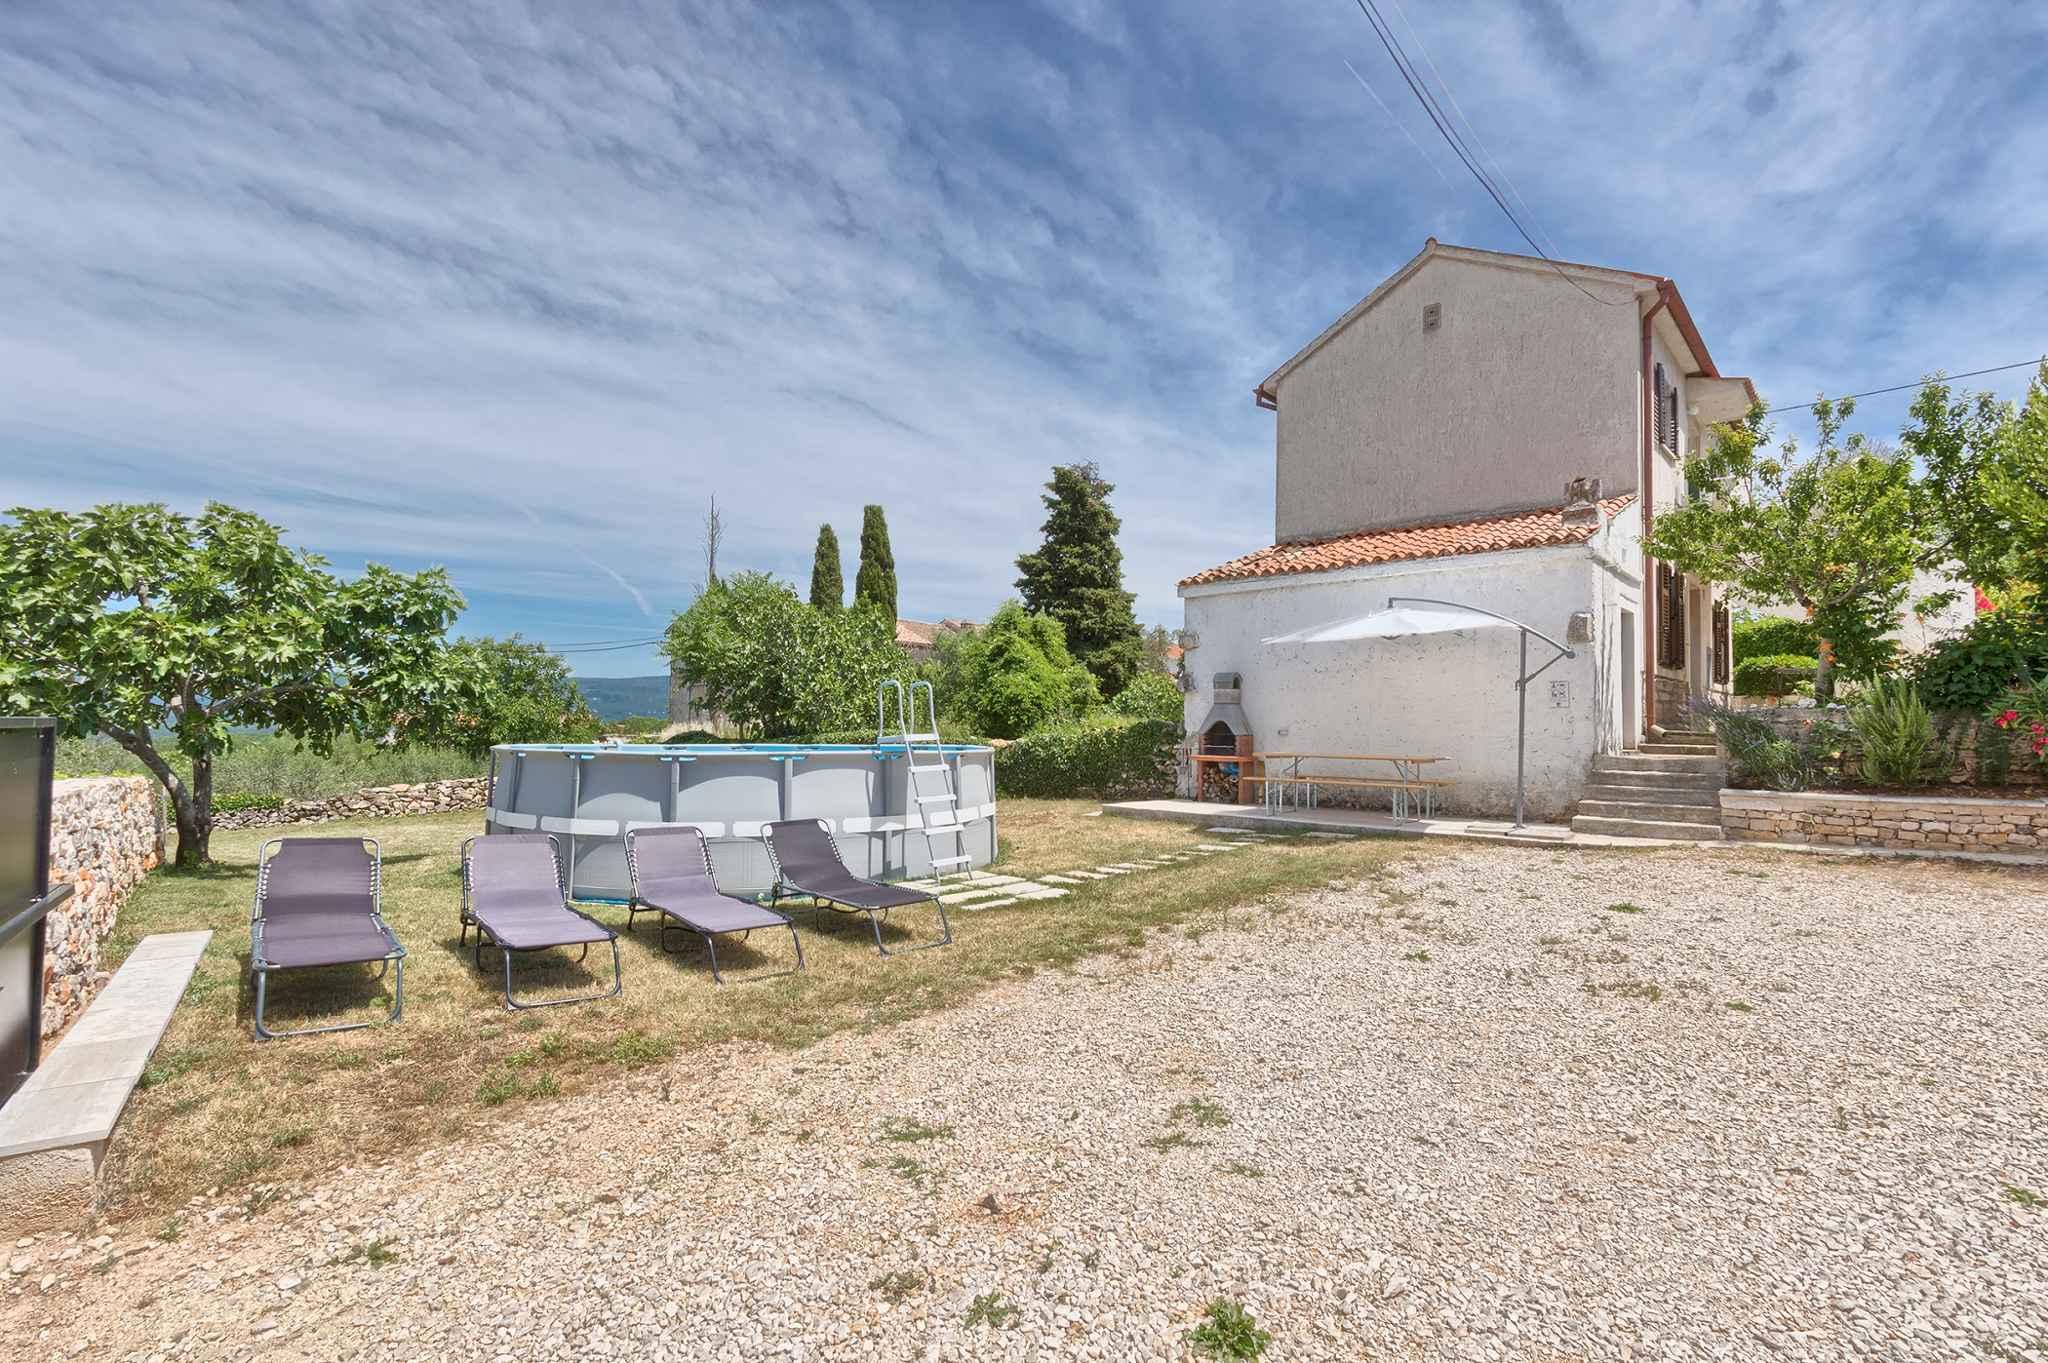 Ferienhaus mit Aussenpool im Dorf (974973), Marcana, , Istrien, Kroatien, Bild 1